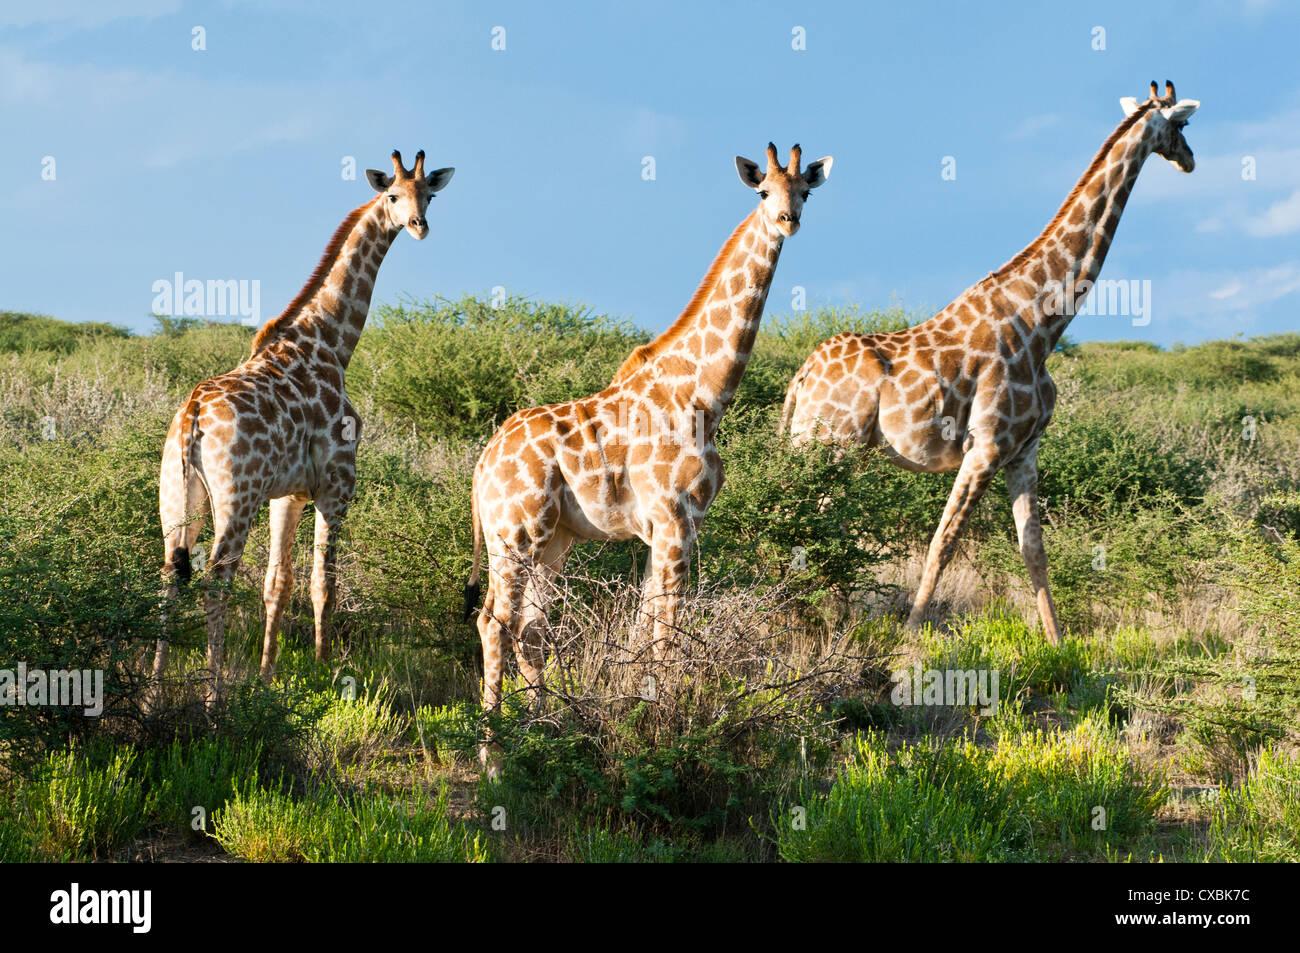 Girafe (Giraffa camelopardalis), Namibie, Afrique Photo Stock